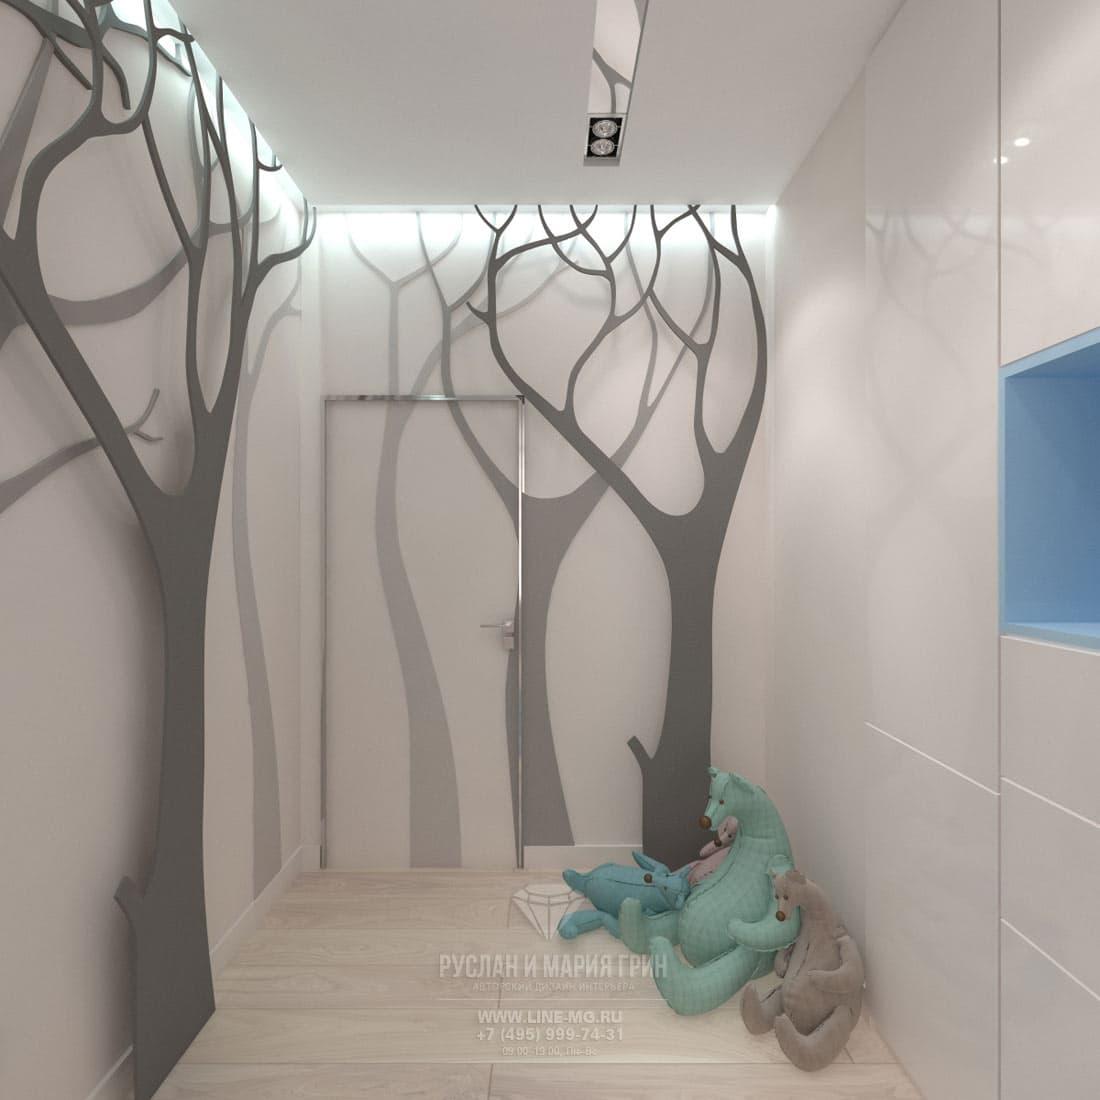 Дизайн интерьера детской комнаты. Фото 2017